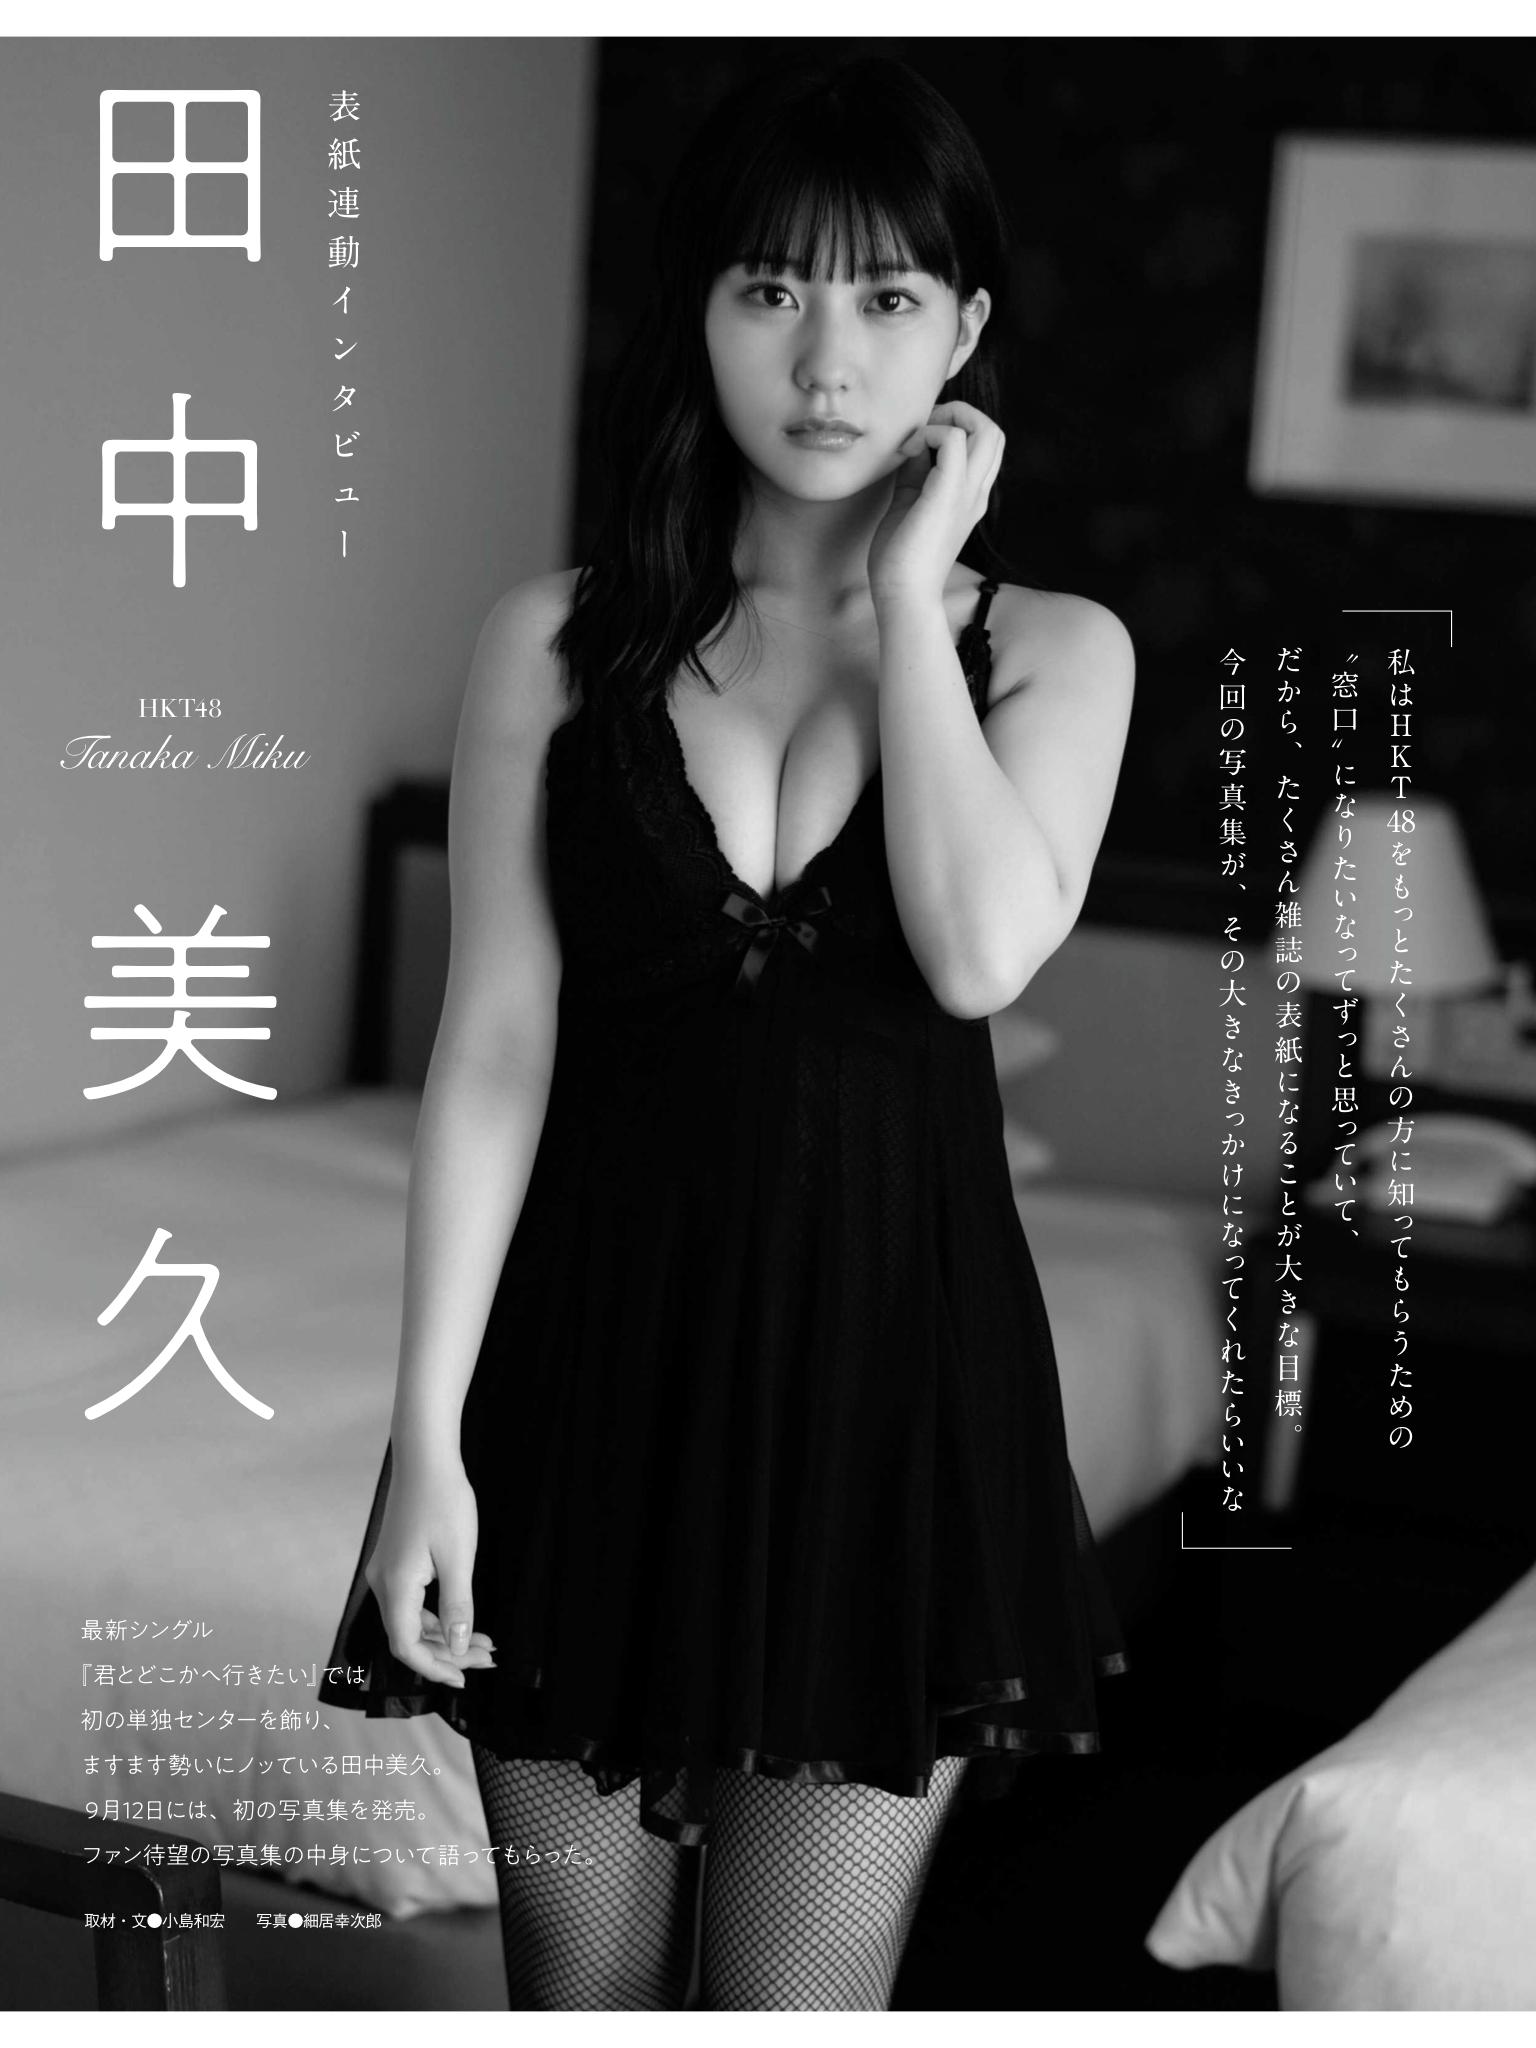 霓虹妹子写真专辑(第11弹)